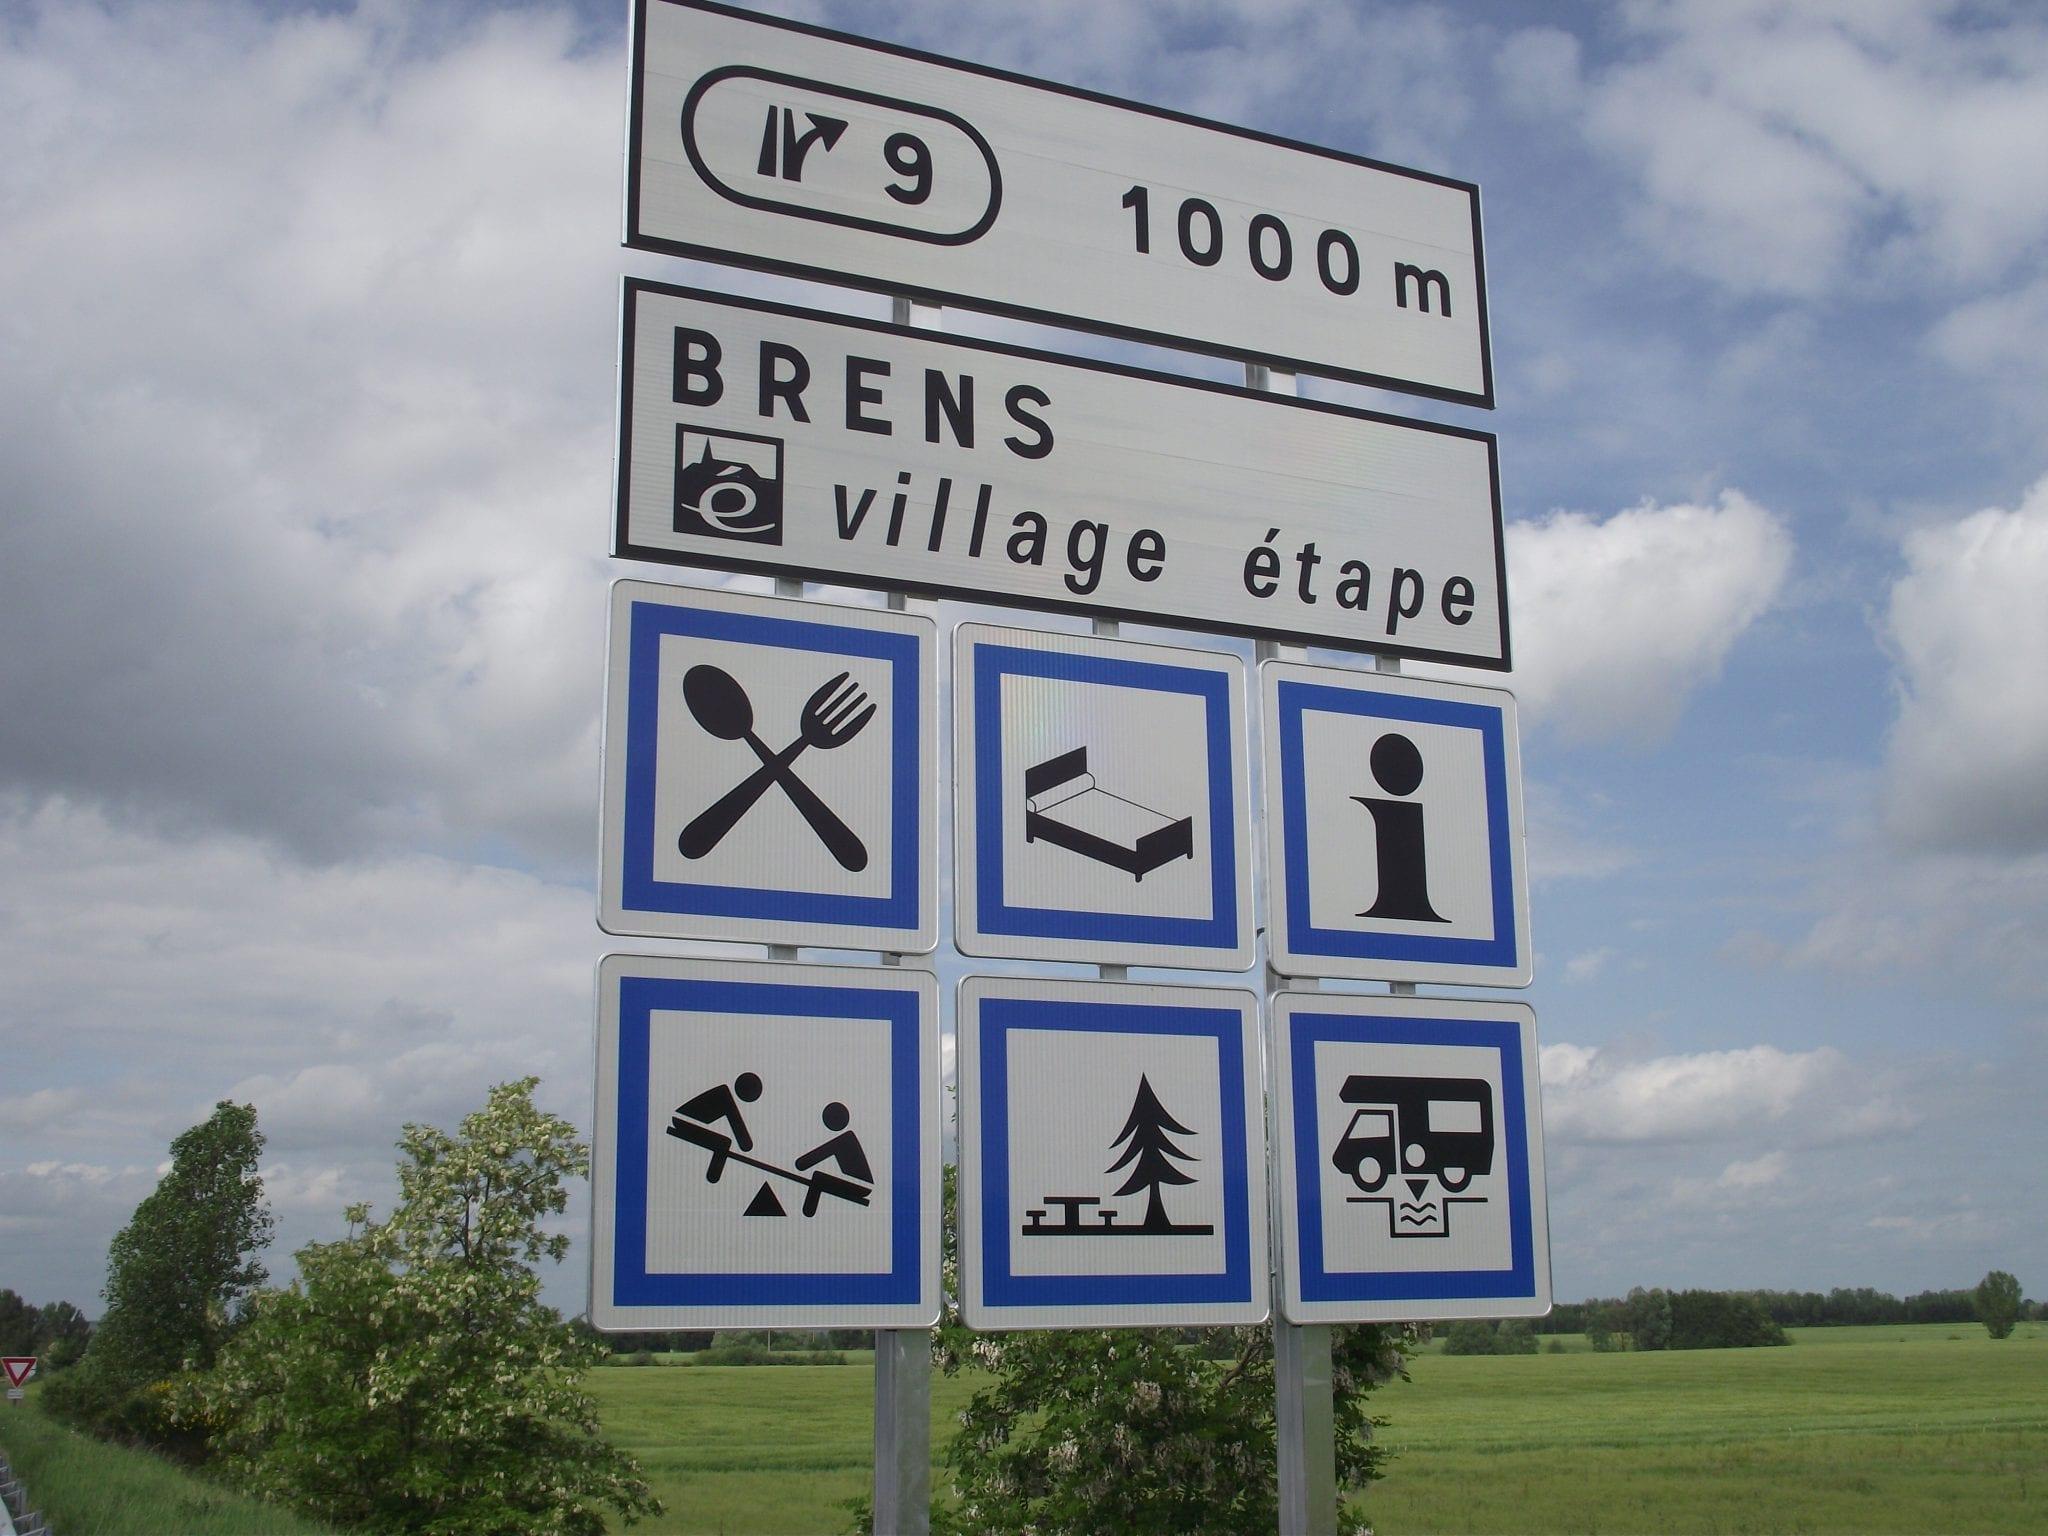 Village etape de Brens - DSCF3166